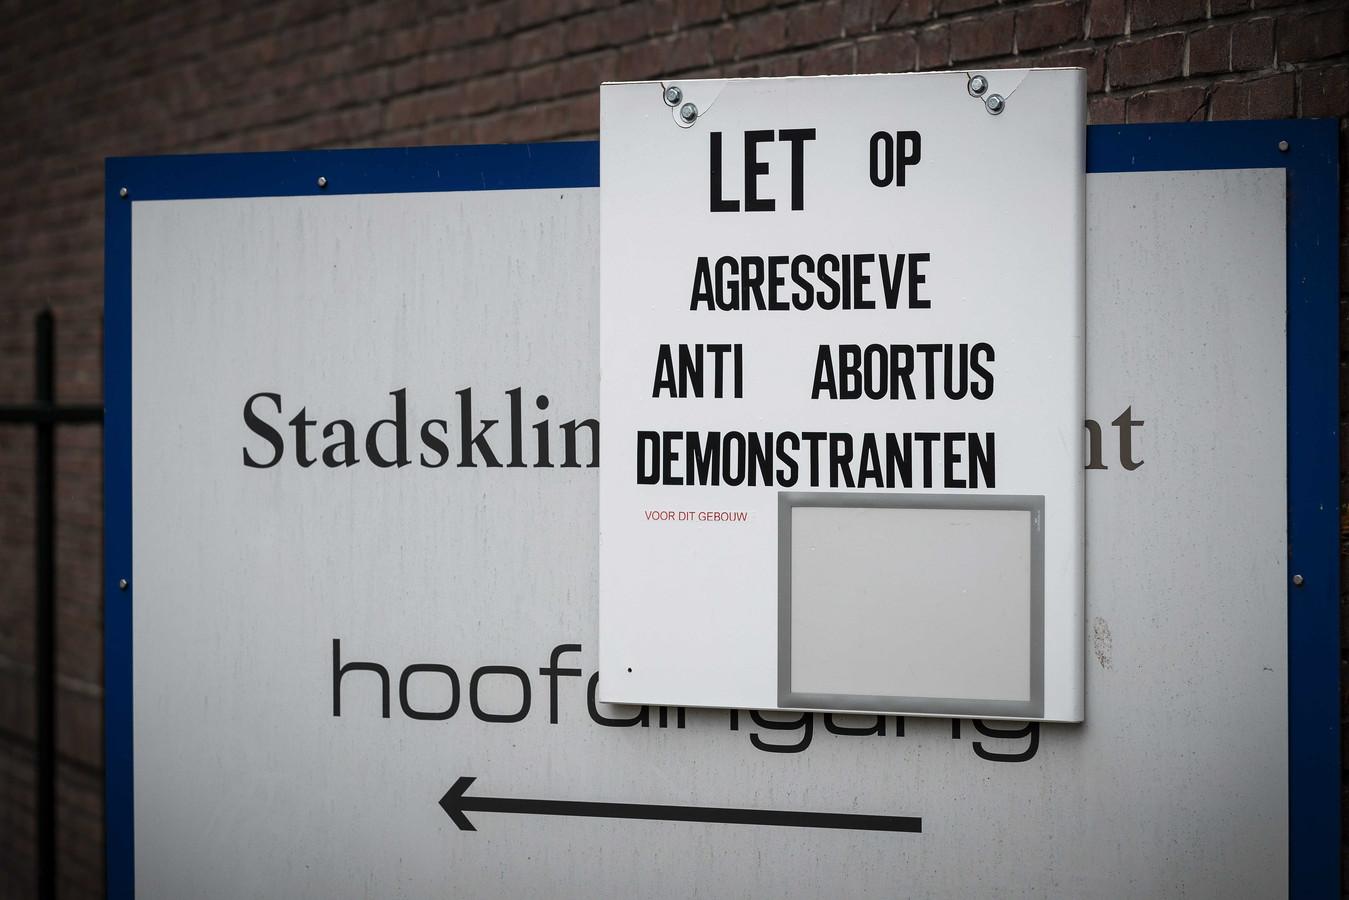 Voor de deur van de abortuskliniek aan de Biltstraat in Utrecht is vorig jaar een bord opgehangen waarmee wordt gewaarschuwd voor agressieve anti-abortusdemonstranten.